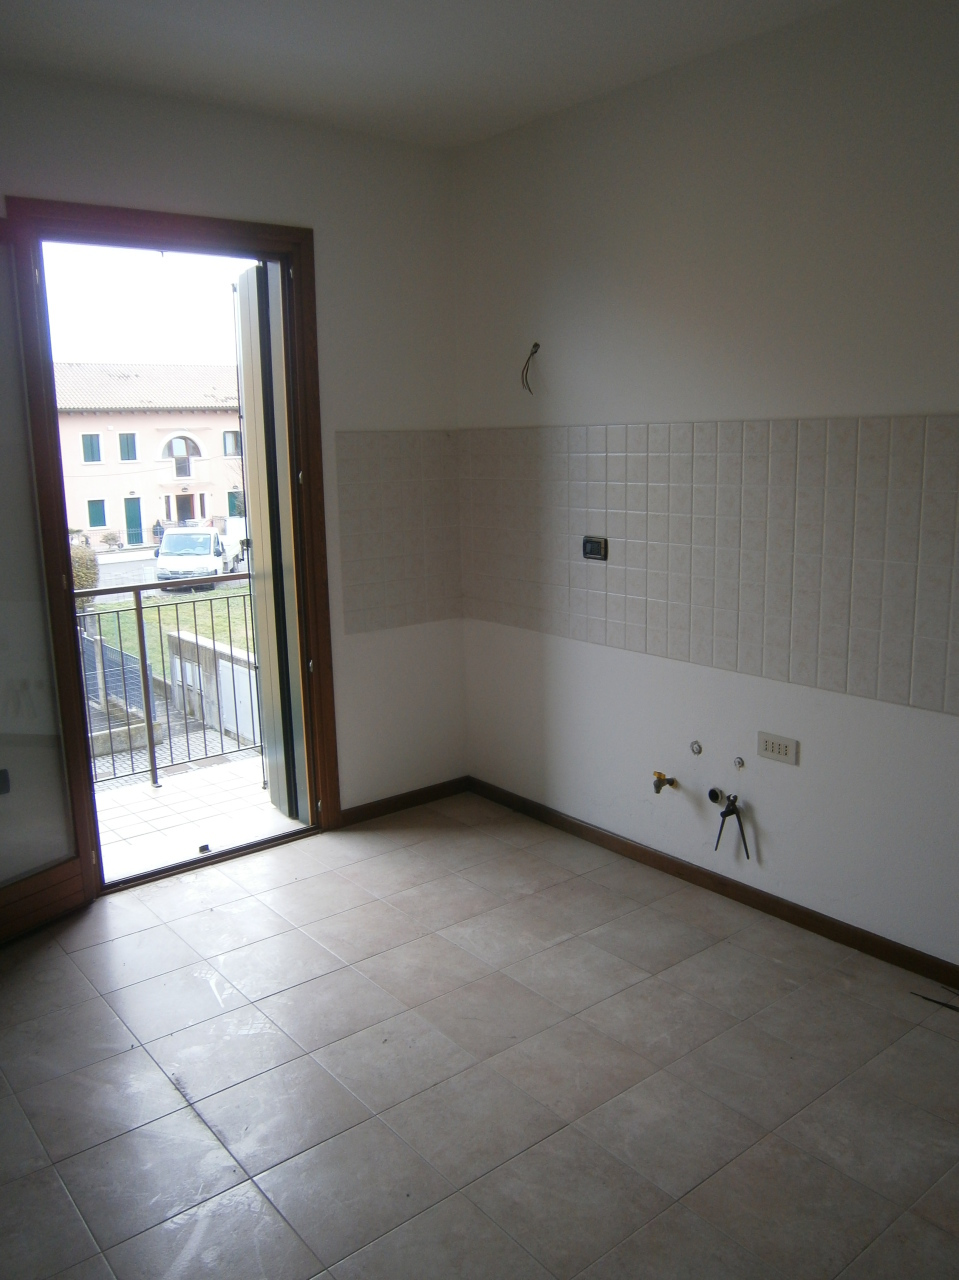 Appartamento in vendita a Vedelago, 2 locali, prezzo € 75.000 | Cambio Casa.it